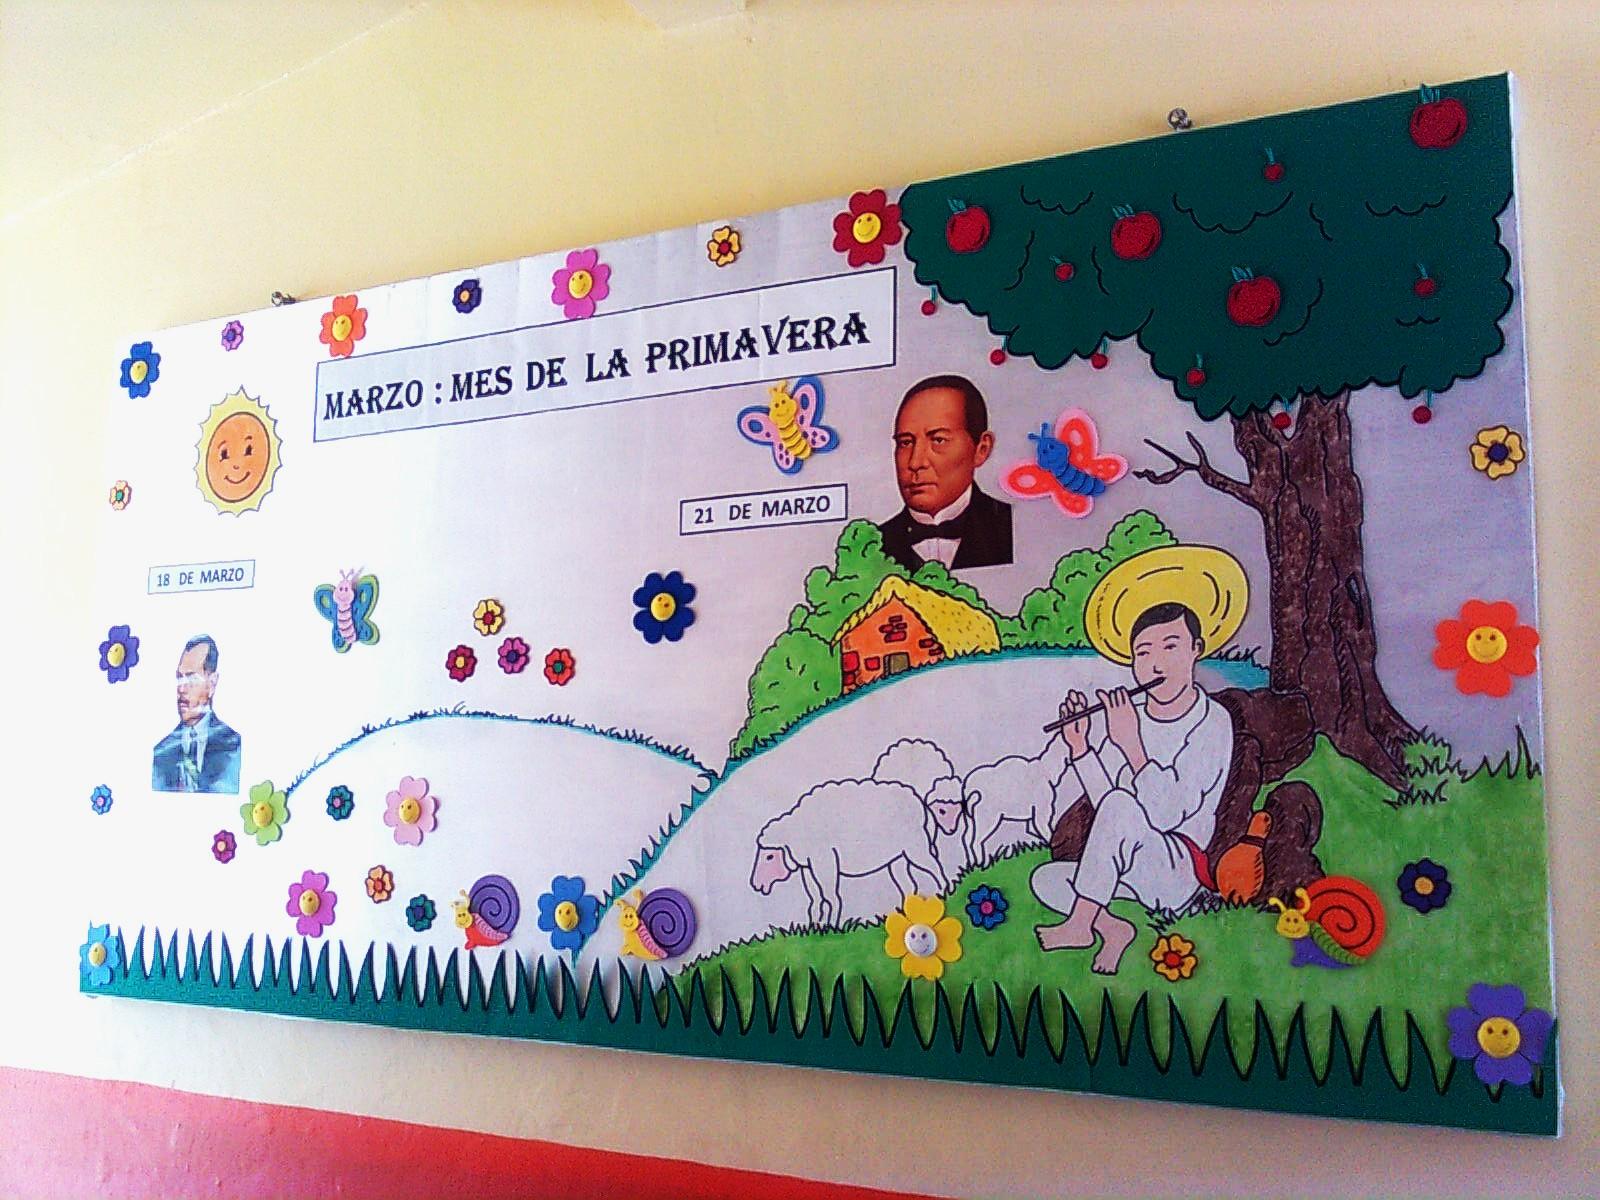 Lalicenciadoadolfo periodico mural del mes de marzo for Como decorar un mural